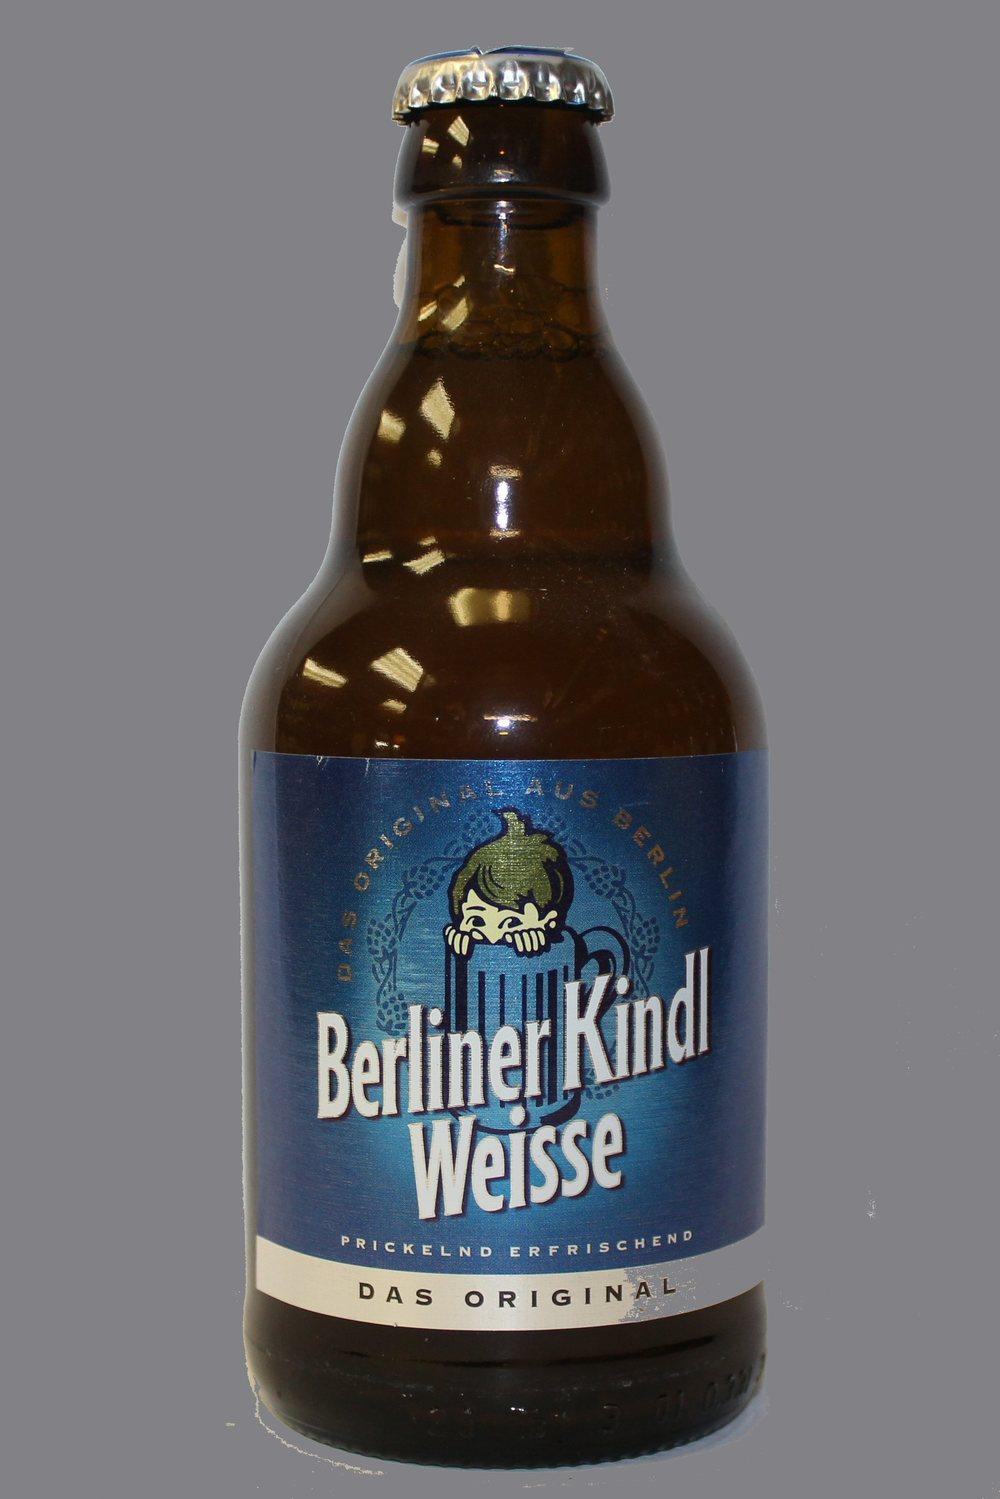 Berliner Kindl Weisse.jpg